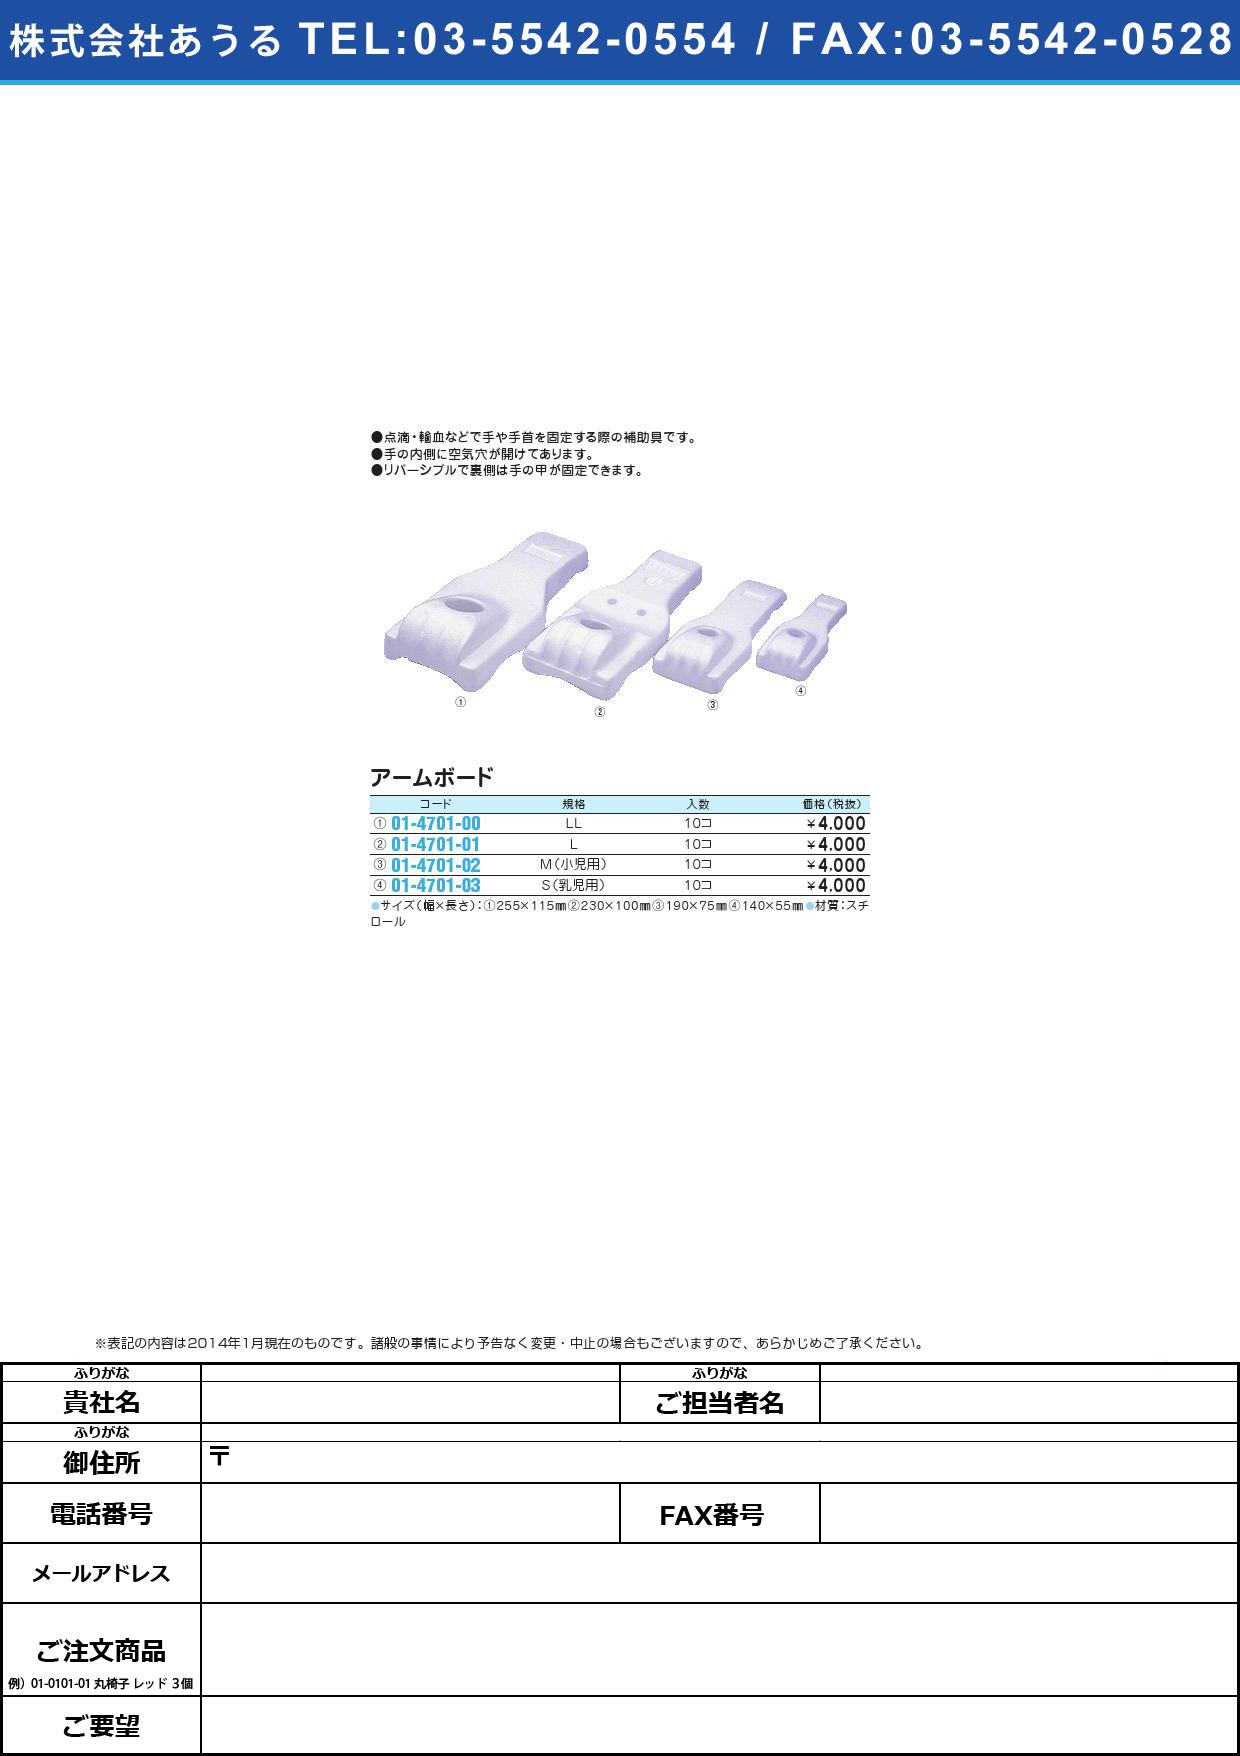 (01-4701-02)アームボード(小児用) アームボード(ショウニヨウ)(01-4701-02)10122 (M)【1箱単位】【2014年カタログ商品】